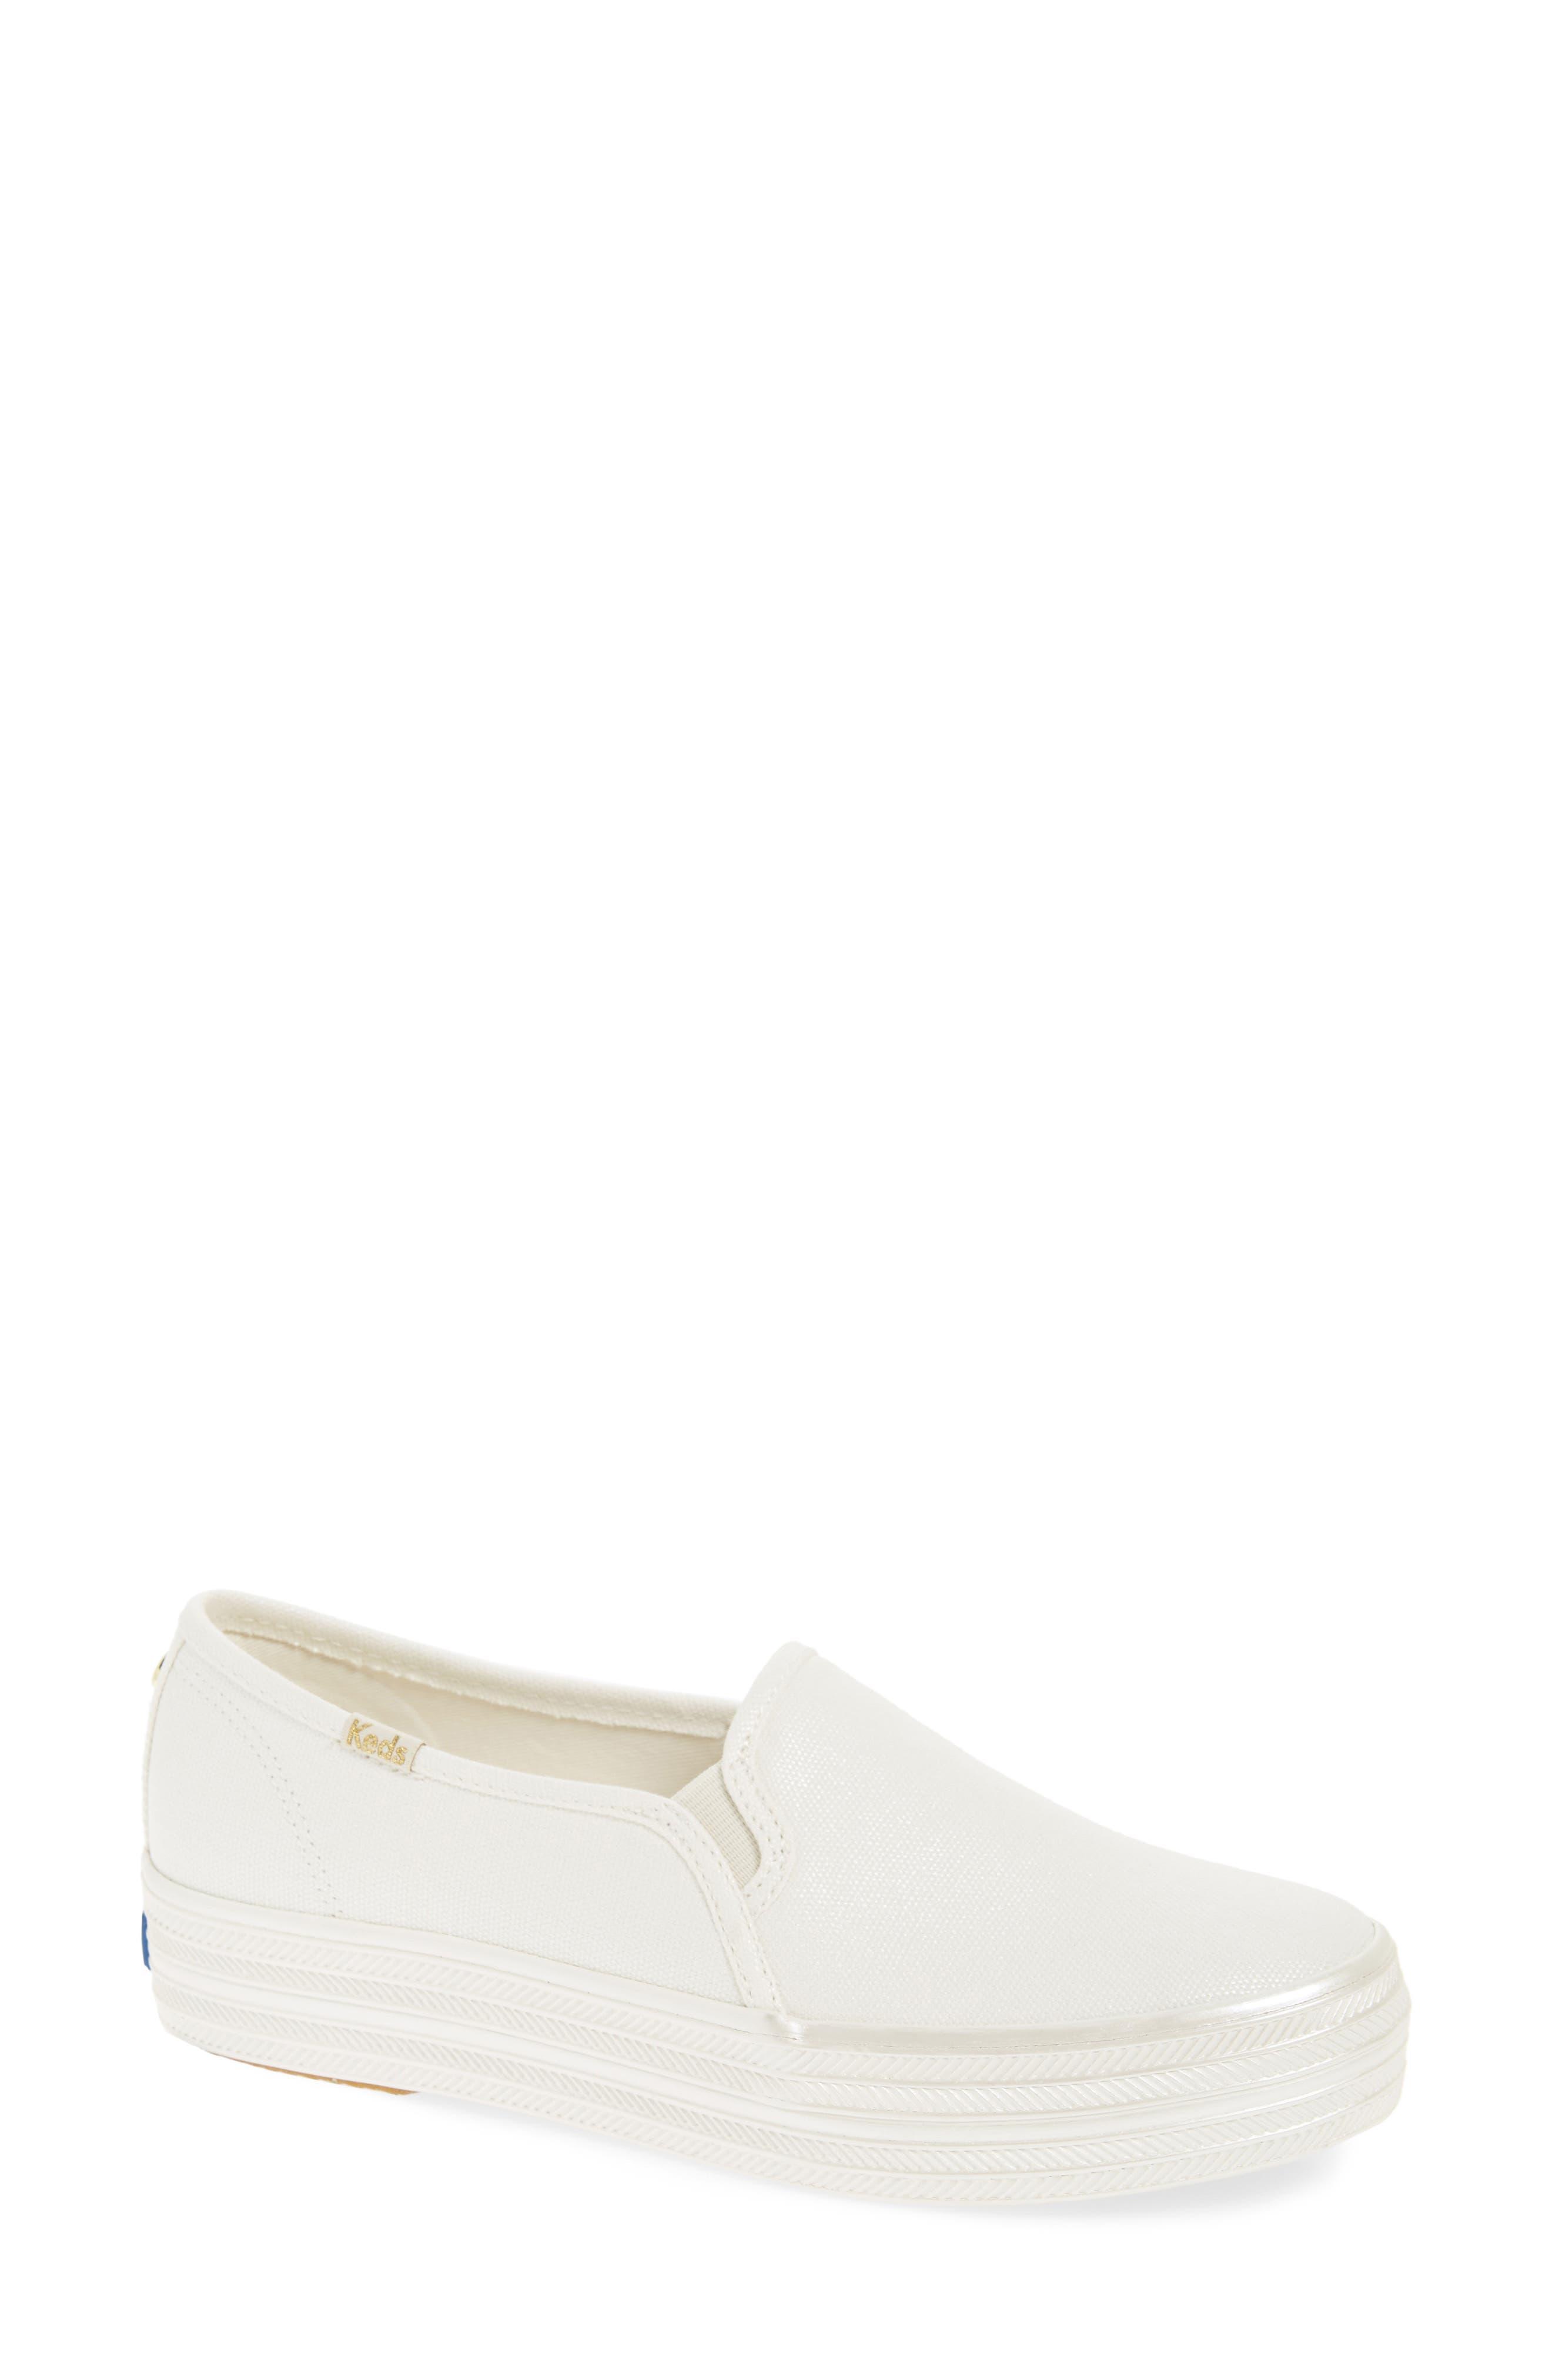 Main Image - Keds® for kate spade new york triple decker slip-on platform sneaker (Women)